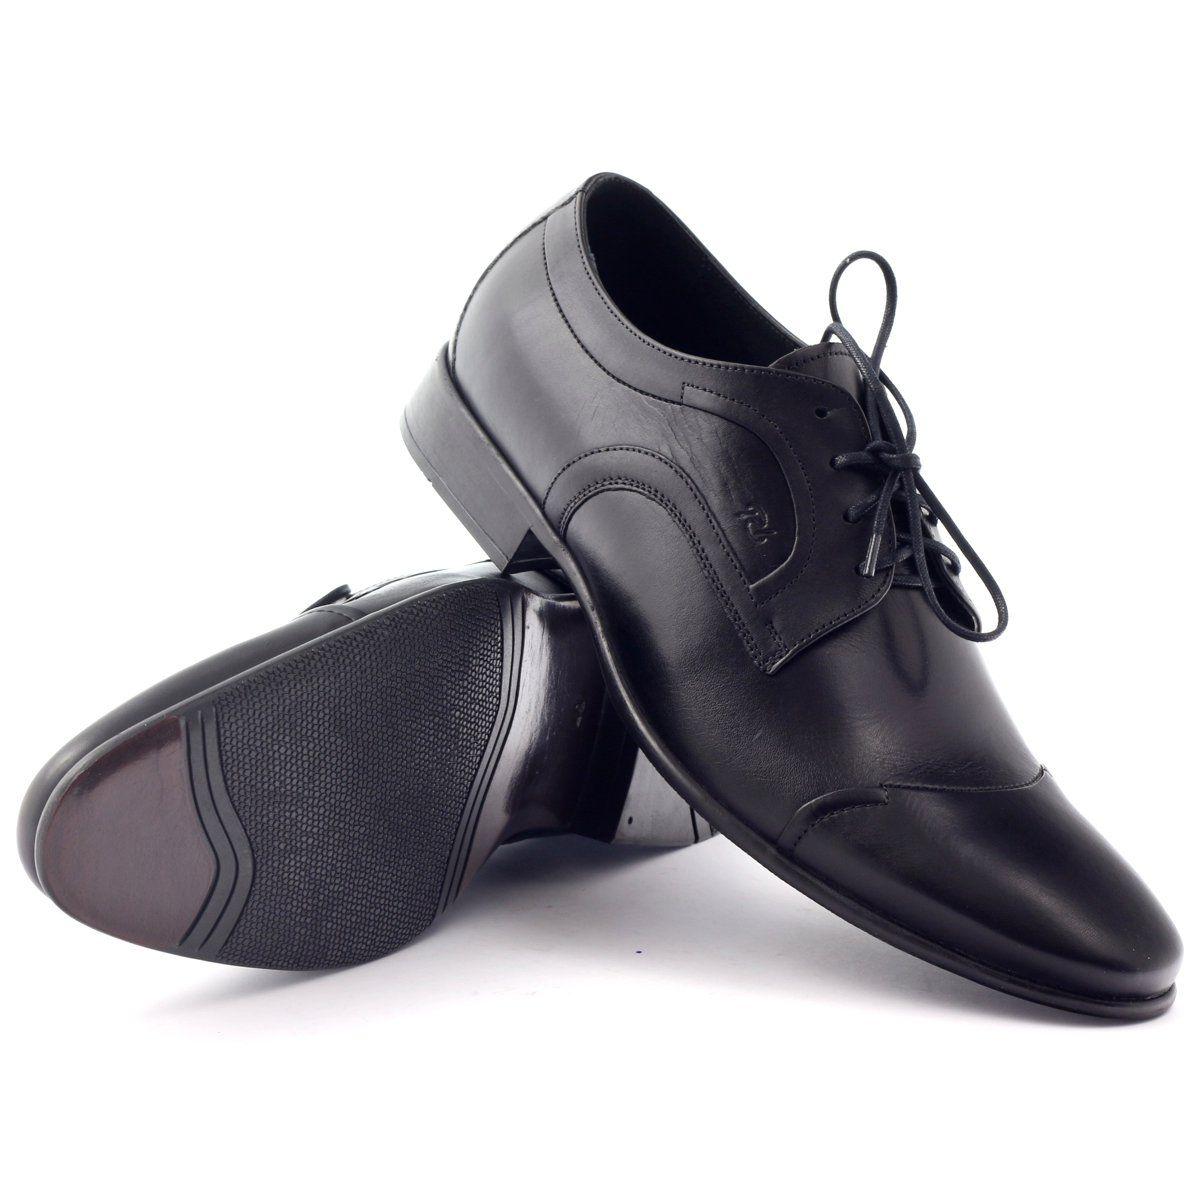 Polbuty Skorzane Buty Meskie Pilpol 1262 Czarne Leather Shoes Men Shoes Mens Men S Shoes